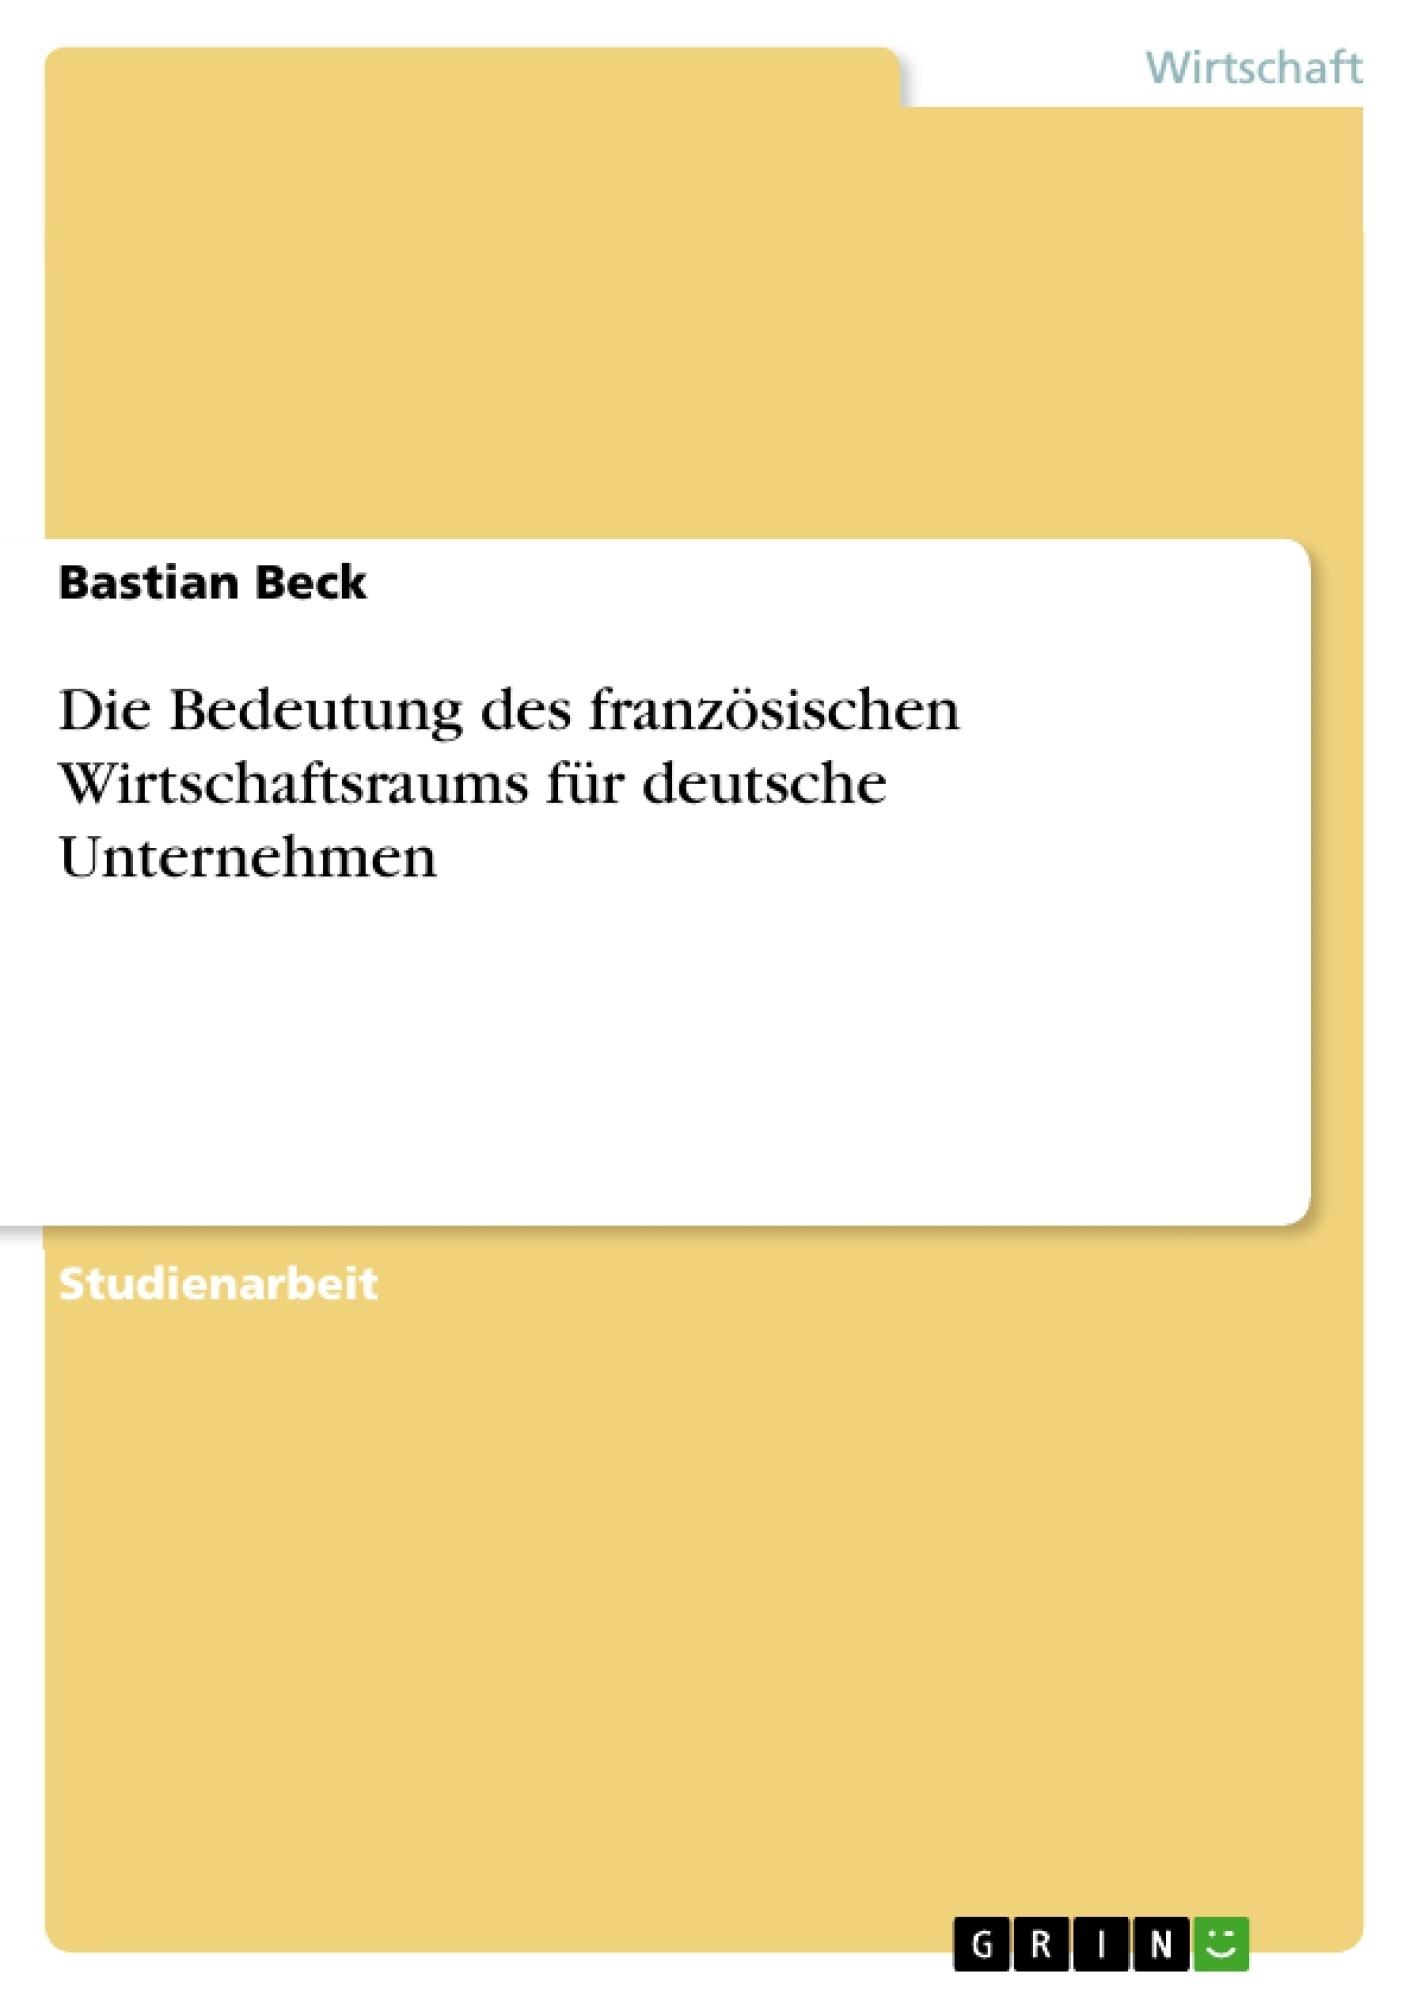 Titel: Die Bedeutung des französischen Wirtschaftsraums für deutsche Unternehmen